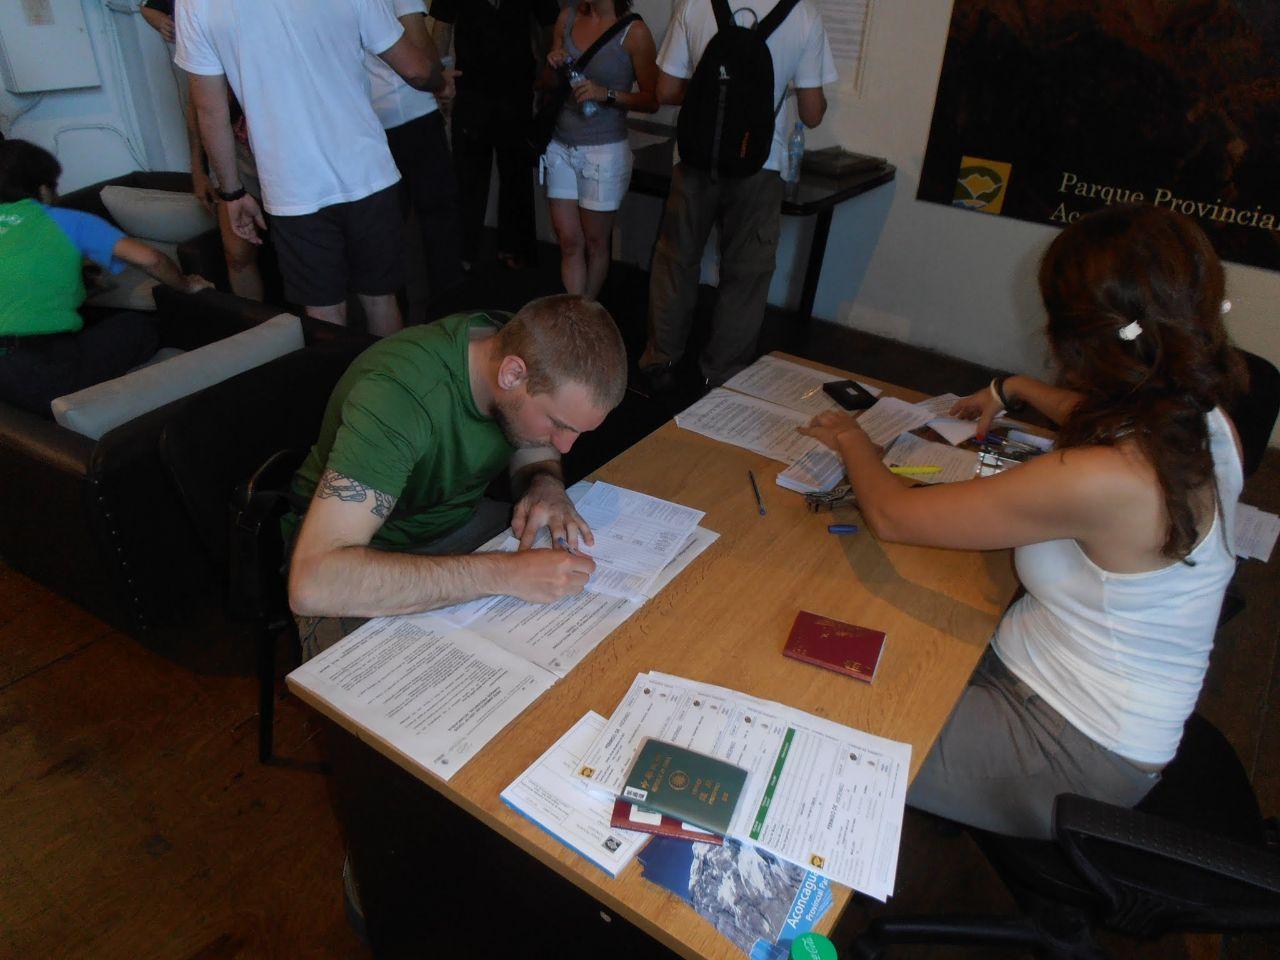 Tobias fyller i alla papper för att få sitt tillstånd.